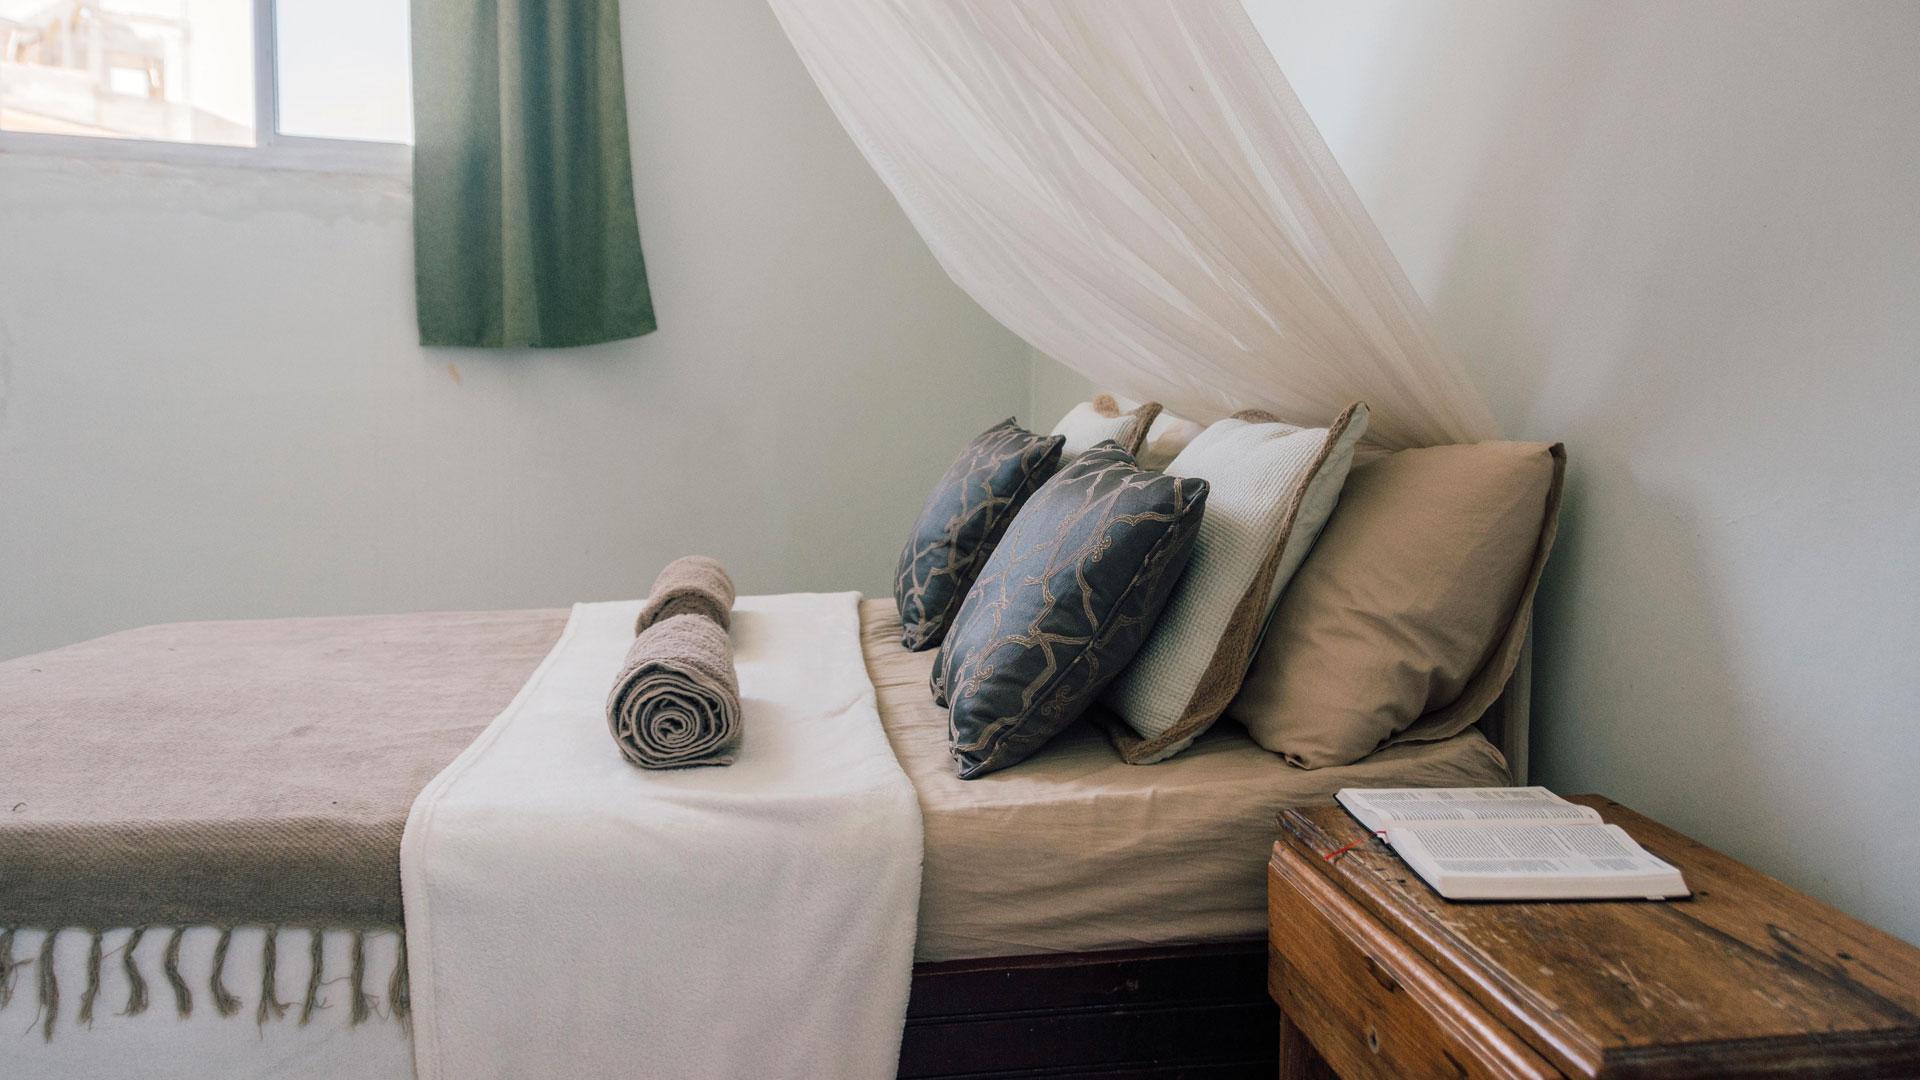 Die Zimmer sind schlicht. Üppiger Komfort passt nicht zum Surfer-Image.